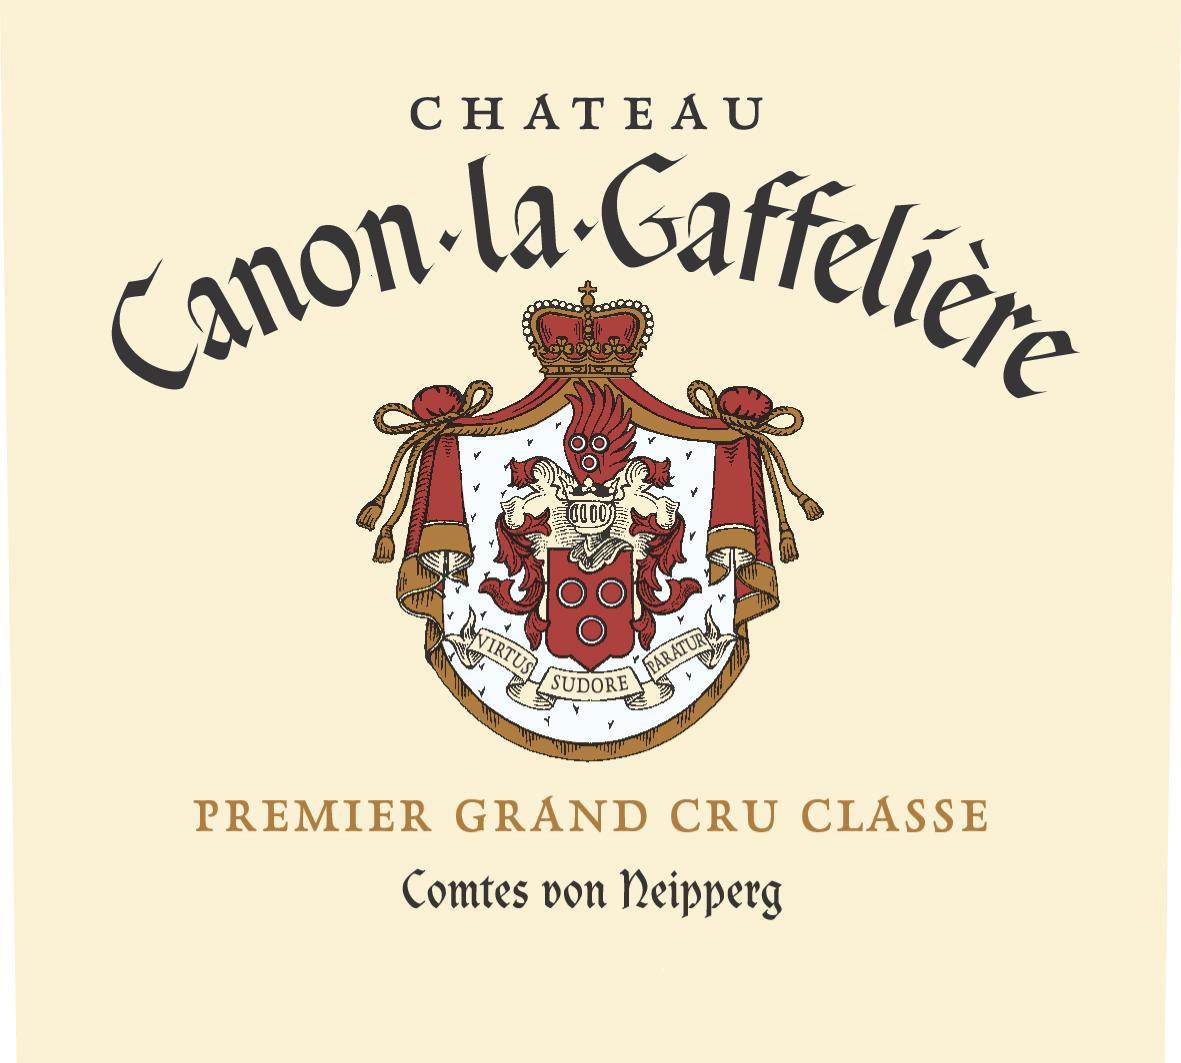 Chateau Canon-La-Gaffeliere